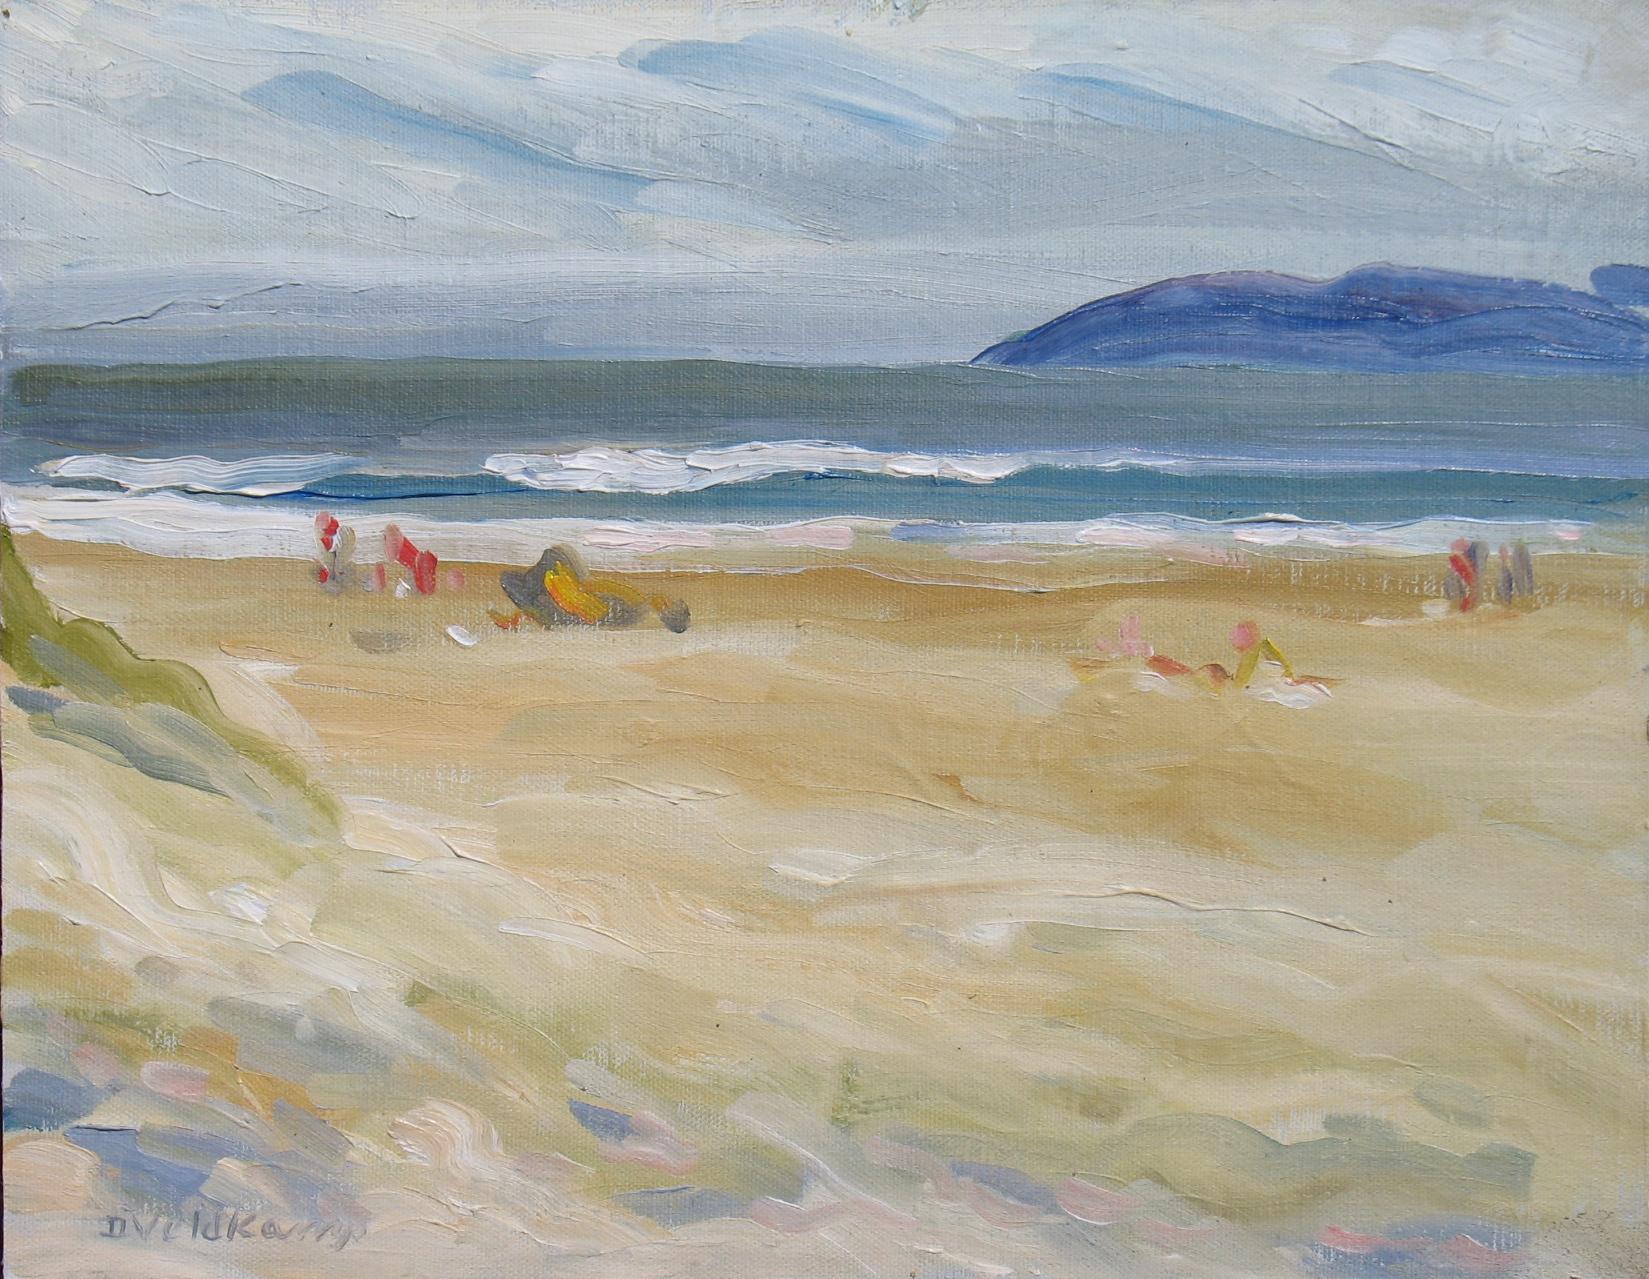 Summer day at the beach, 11 x 14 inches, oil on canvas, Deborah Veldkamp